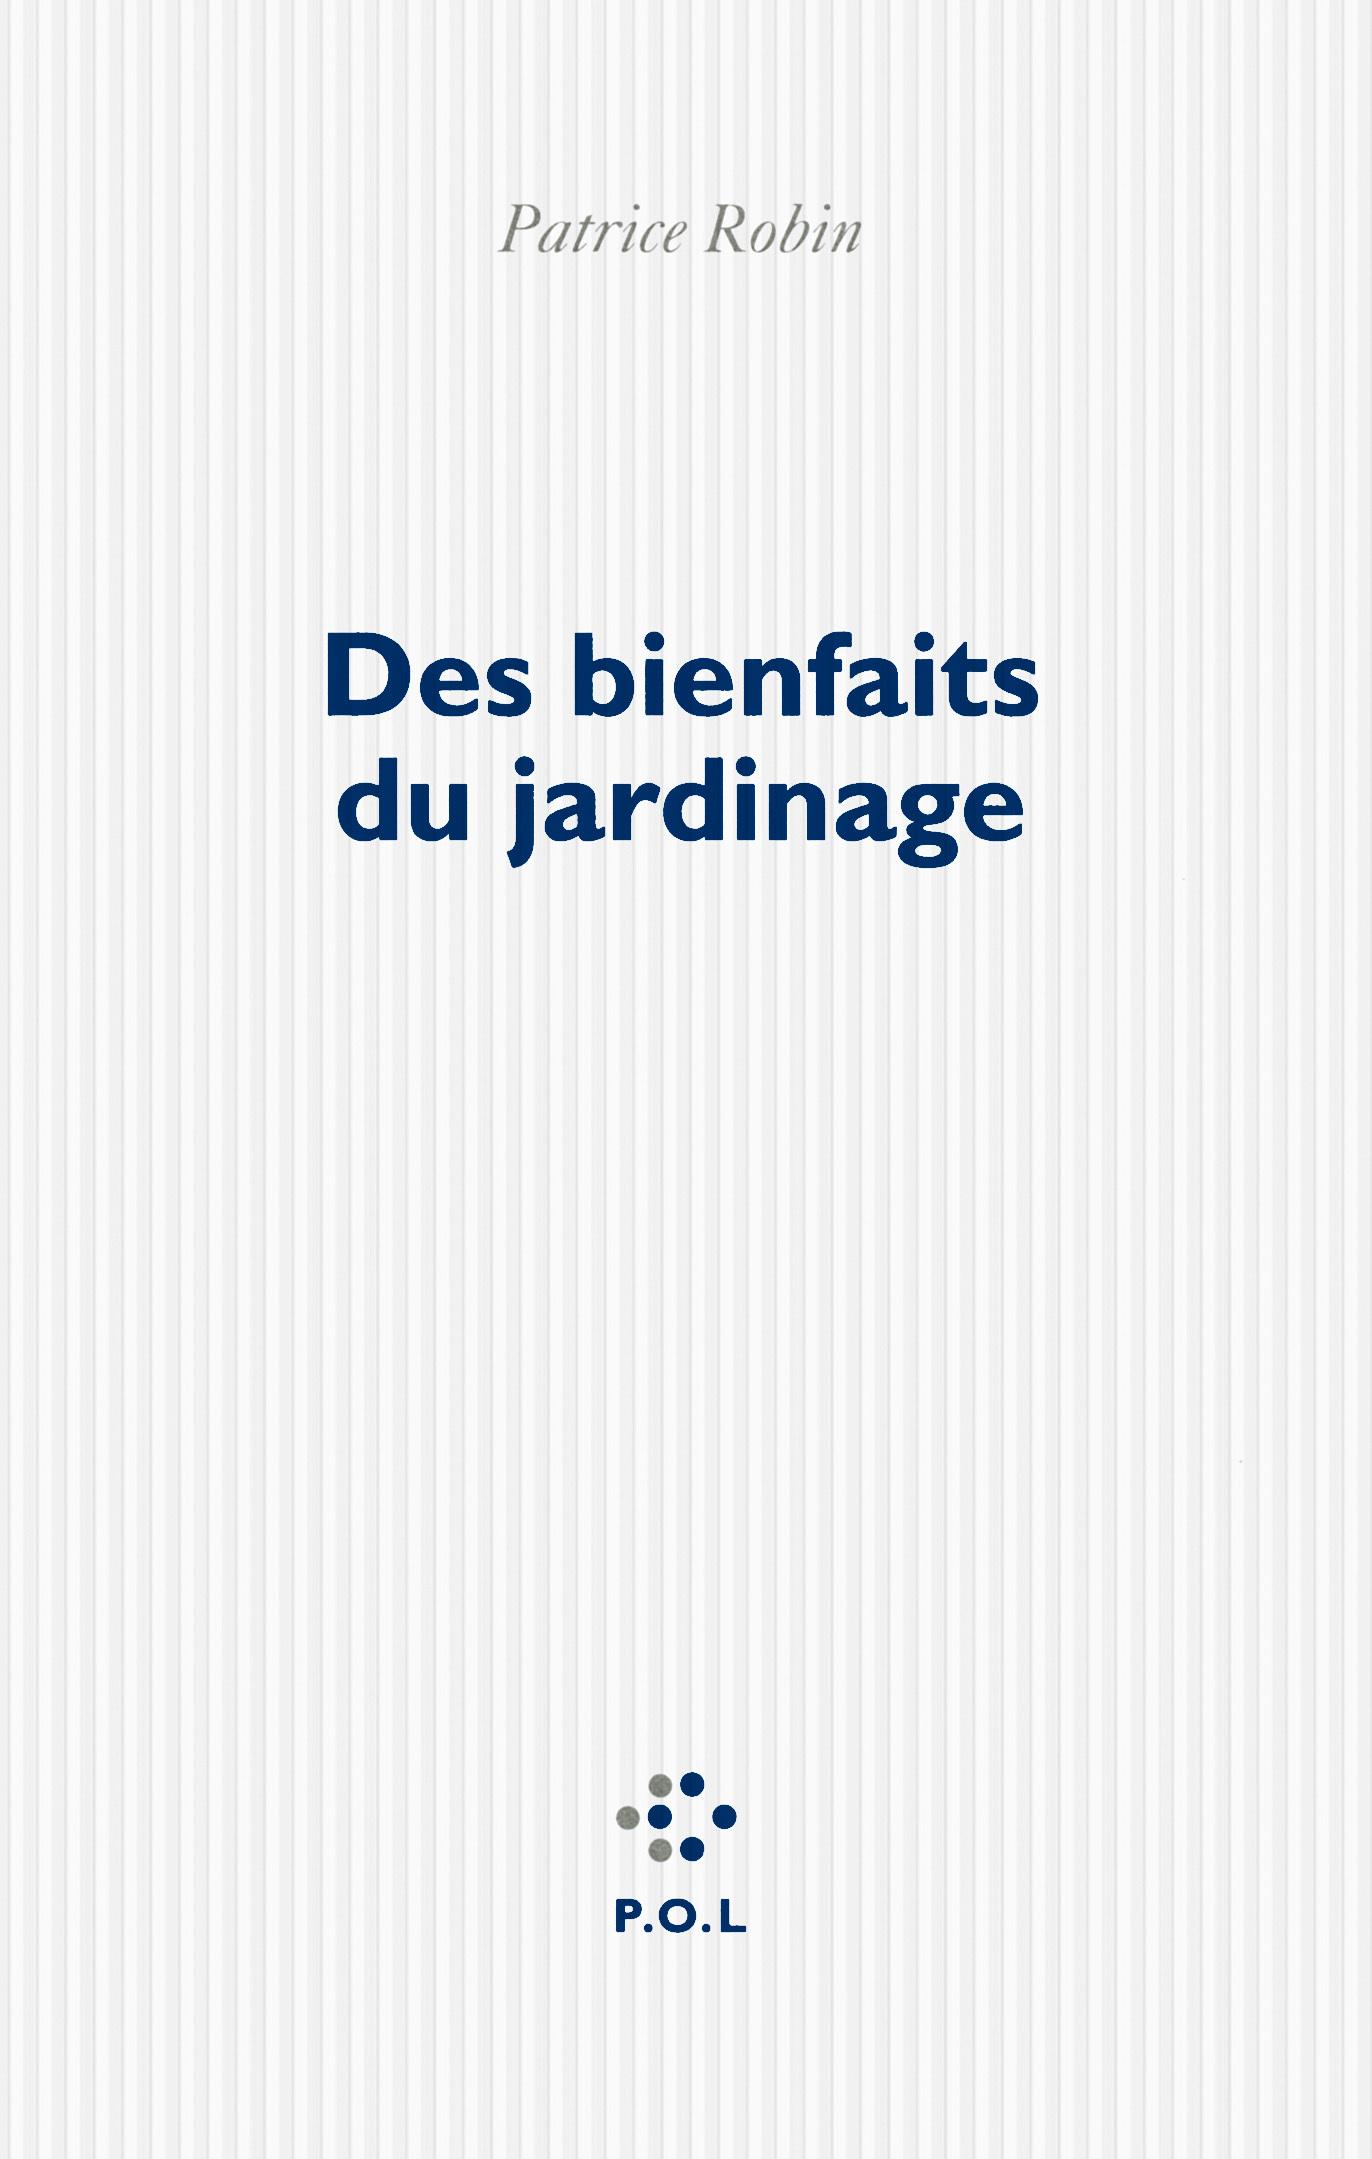 DES BIENFAITS DU JARDINAGE